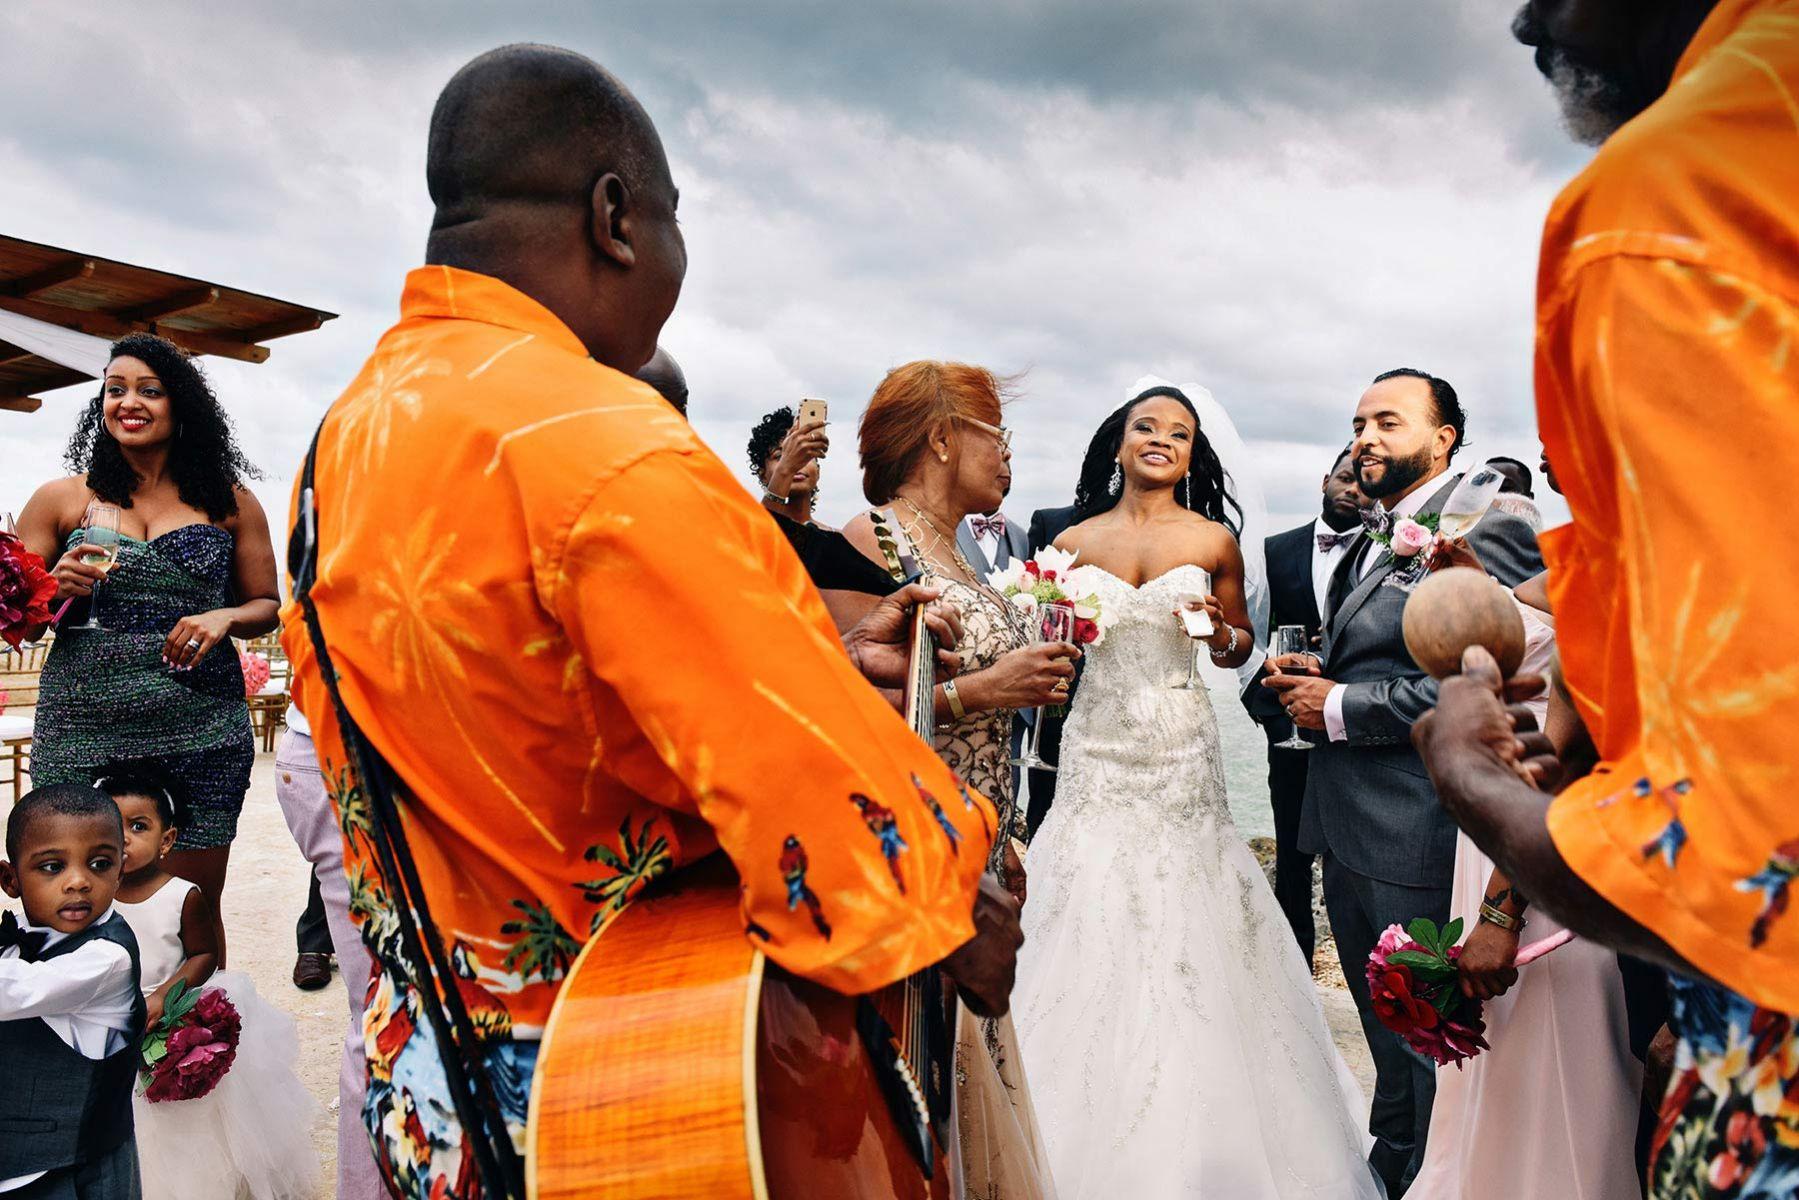 Destination wedding in Jamaica, cocktail time